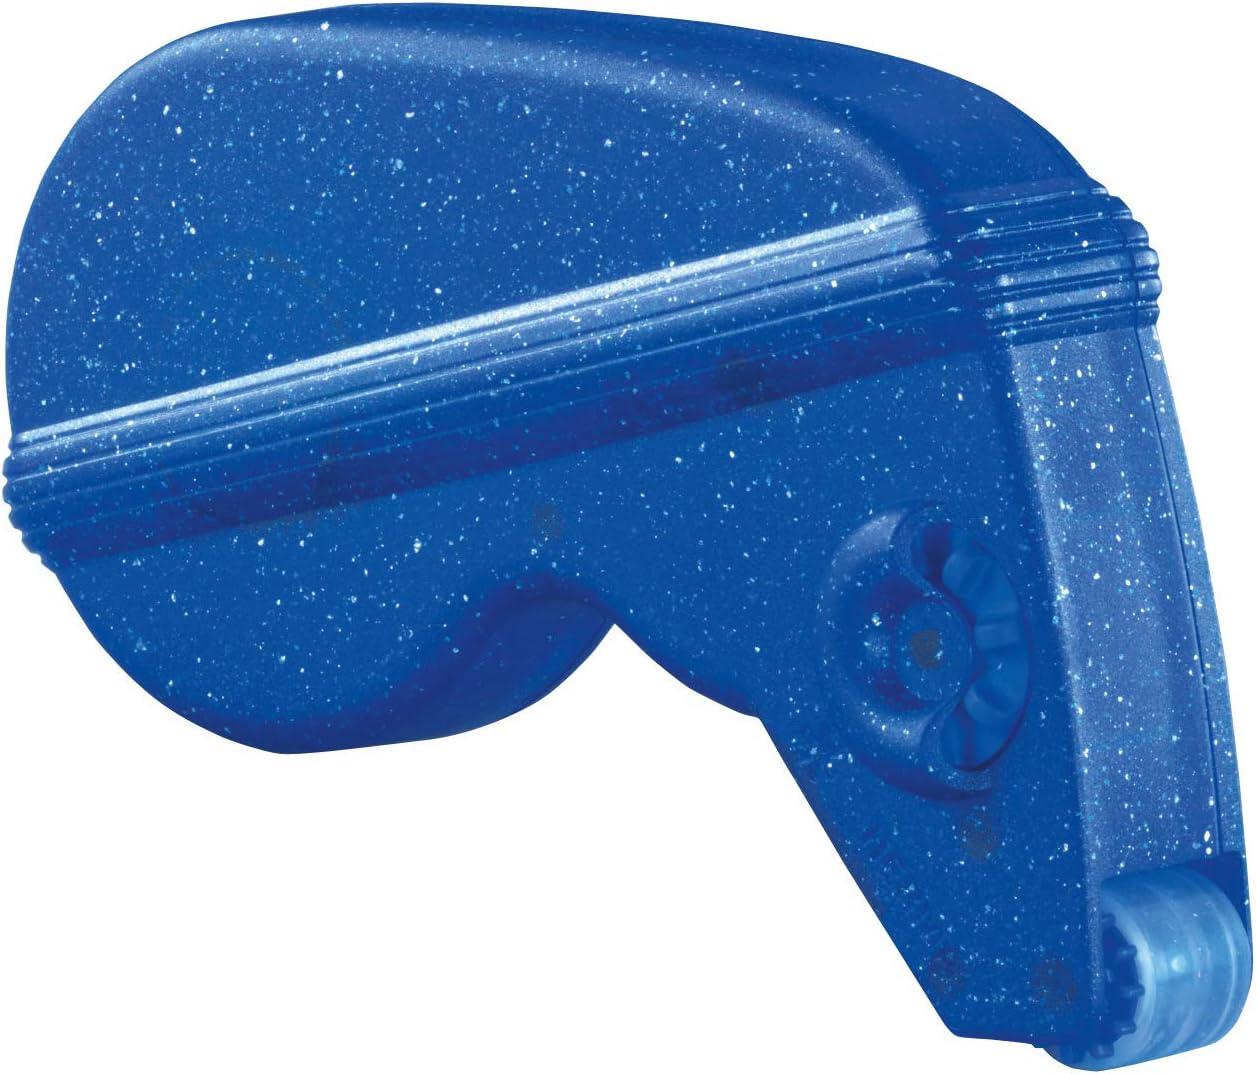 Herma 1023 Vario Glue Dispenser - Blue